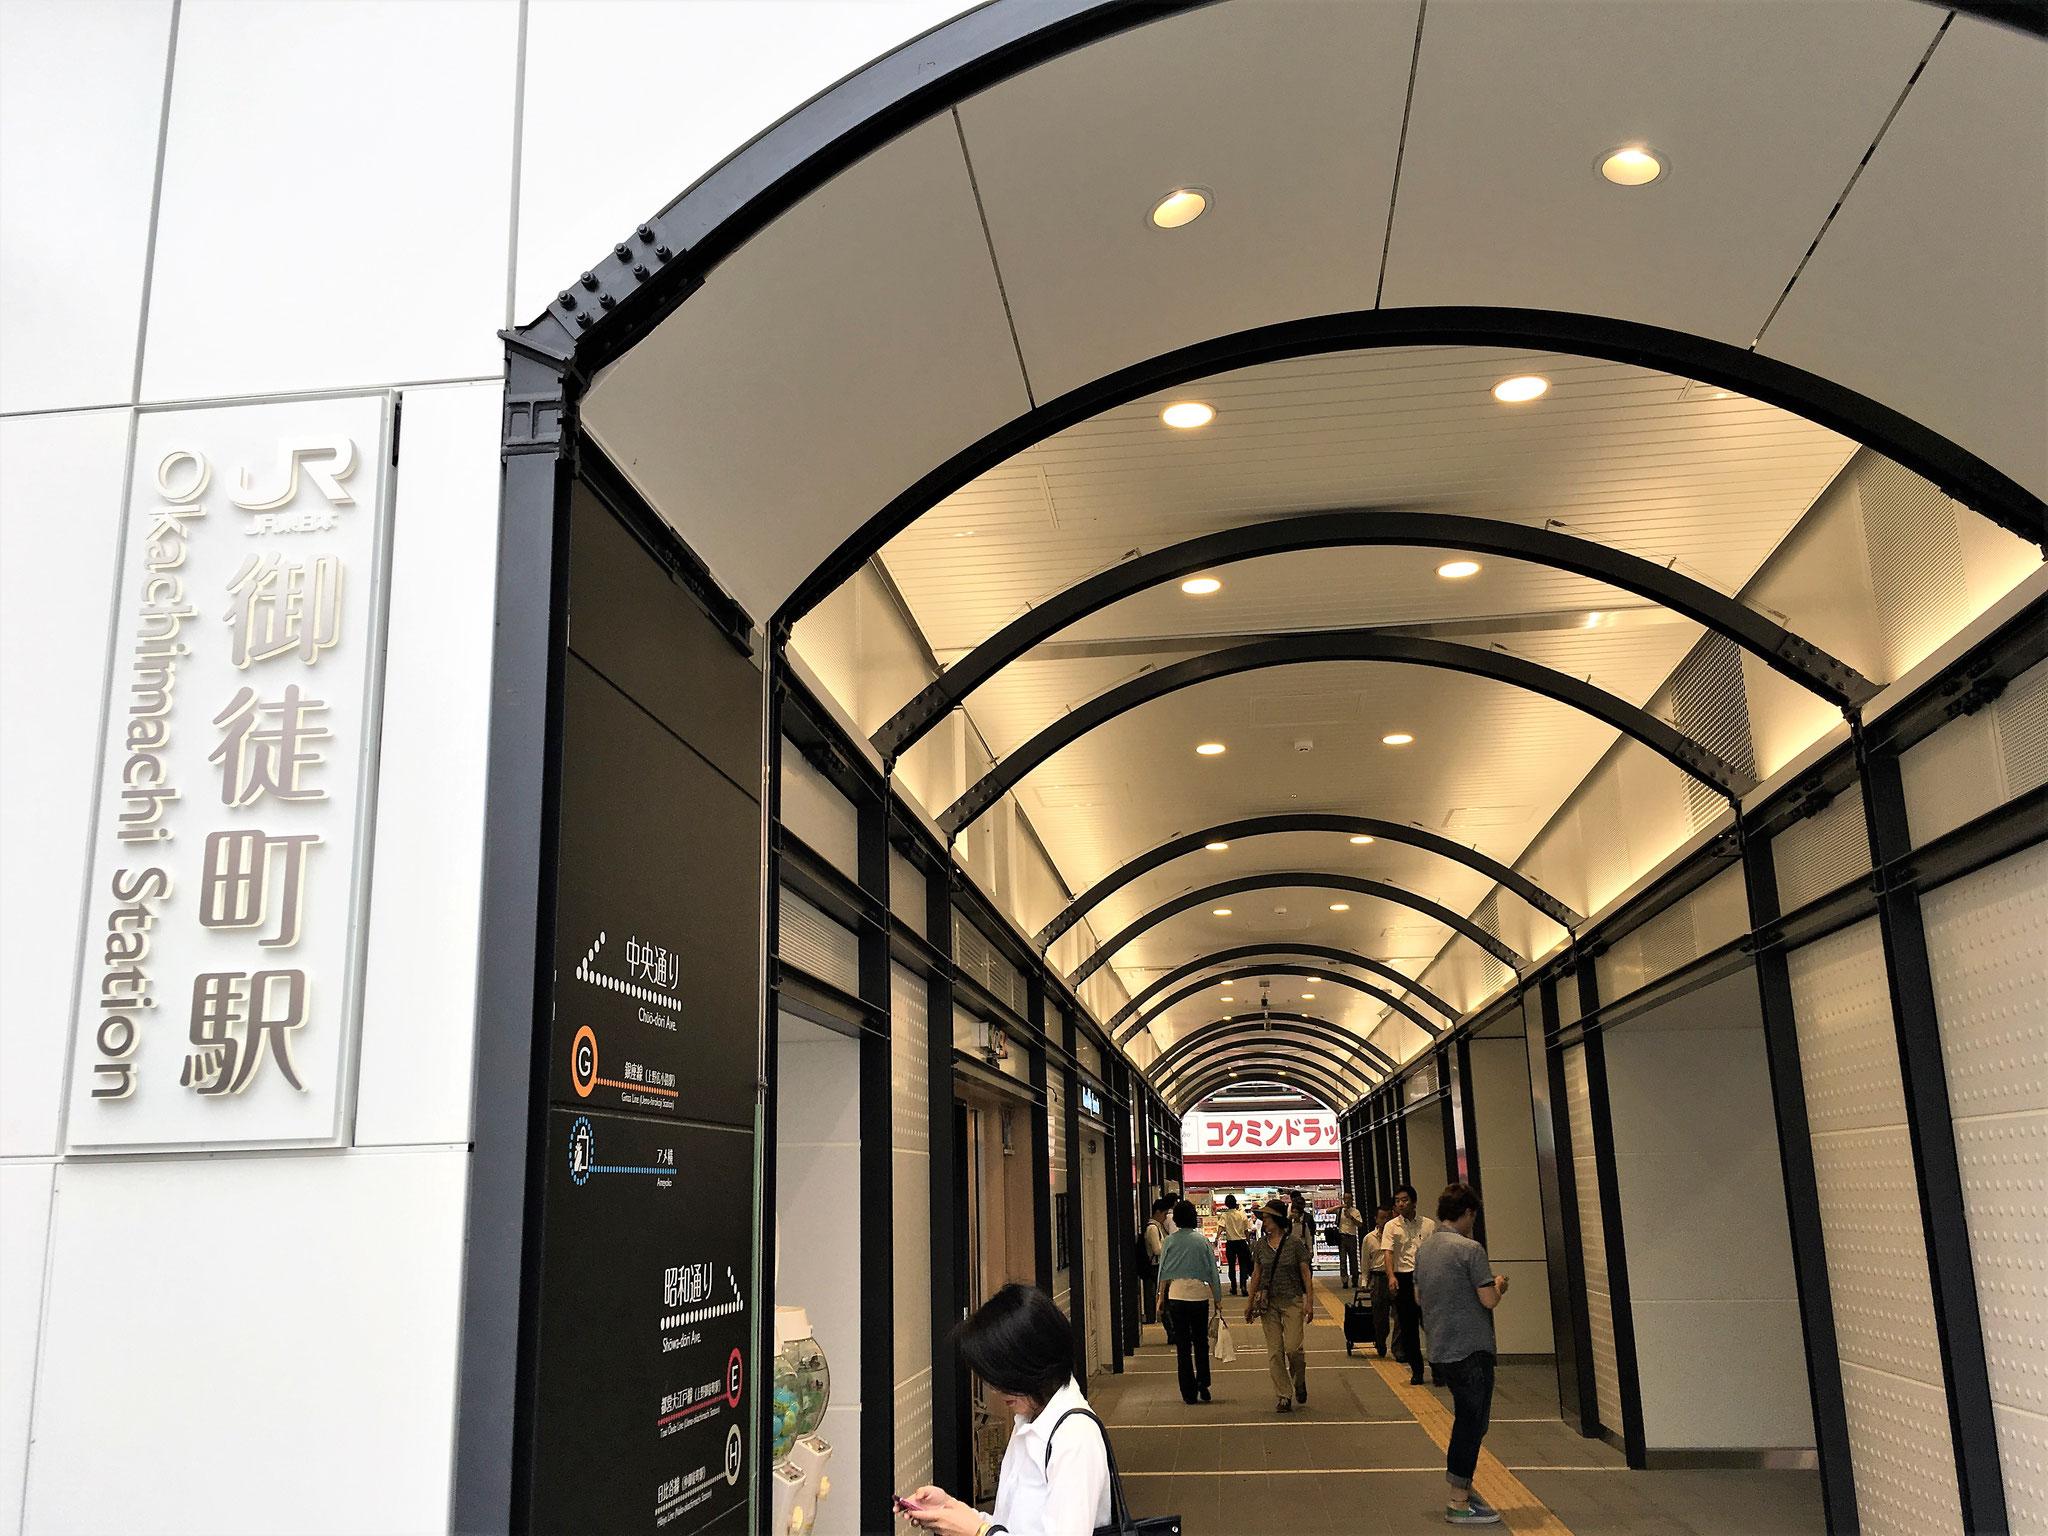 JR御徒町駅 / 東京都台東区/2016.6.24